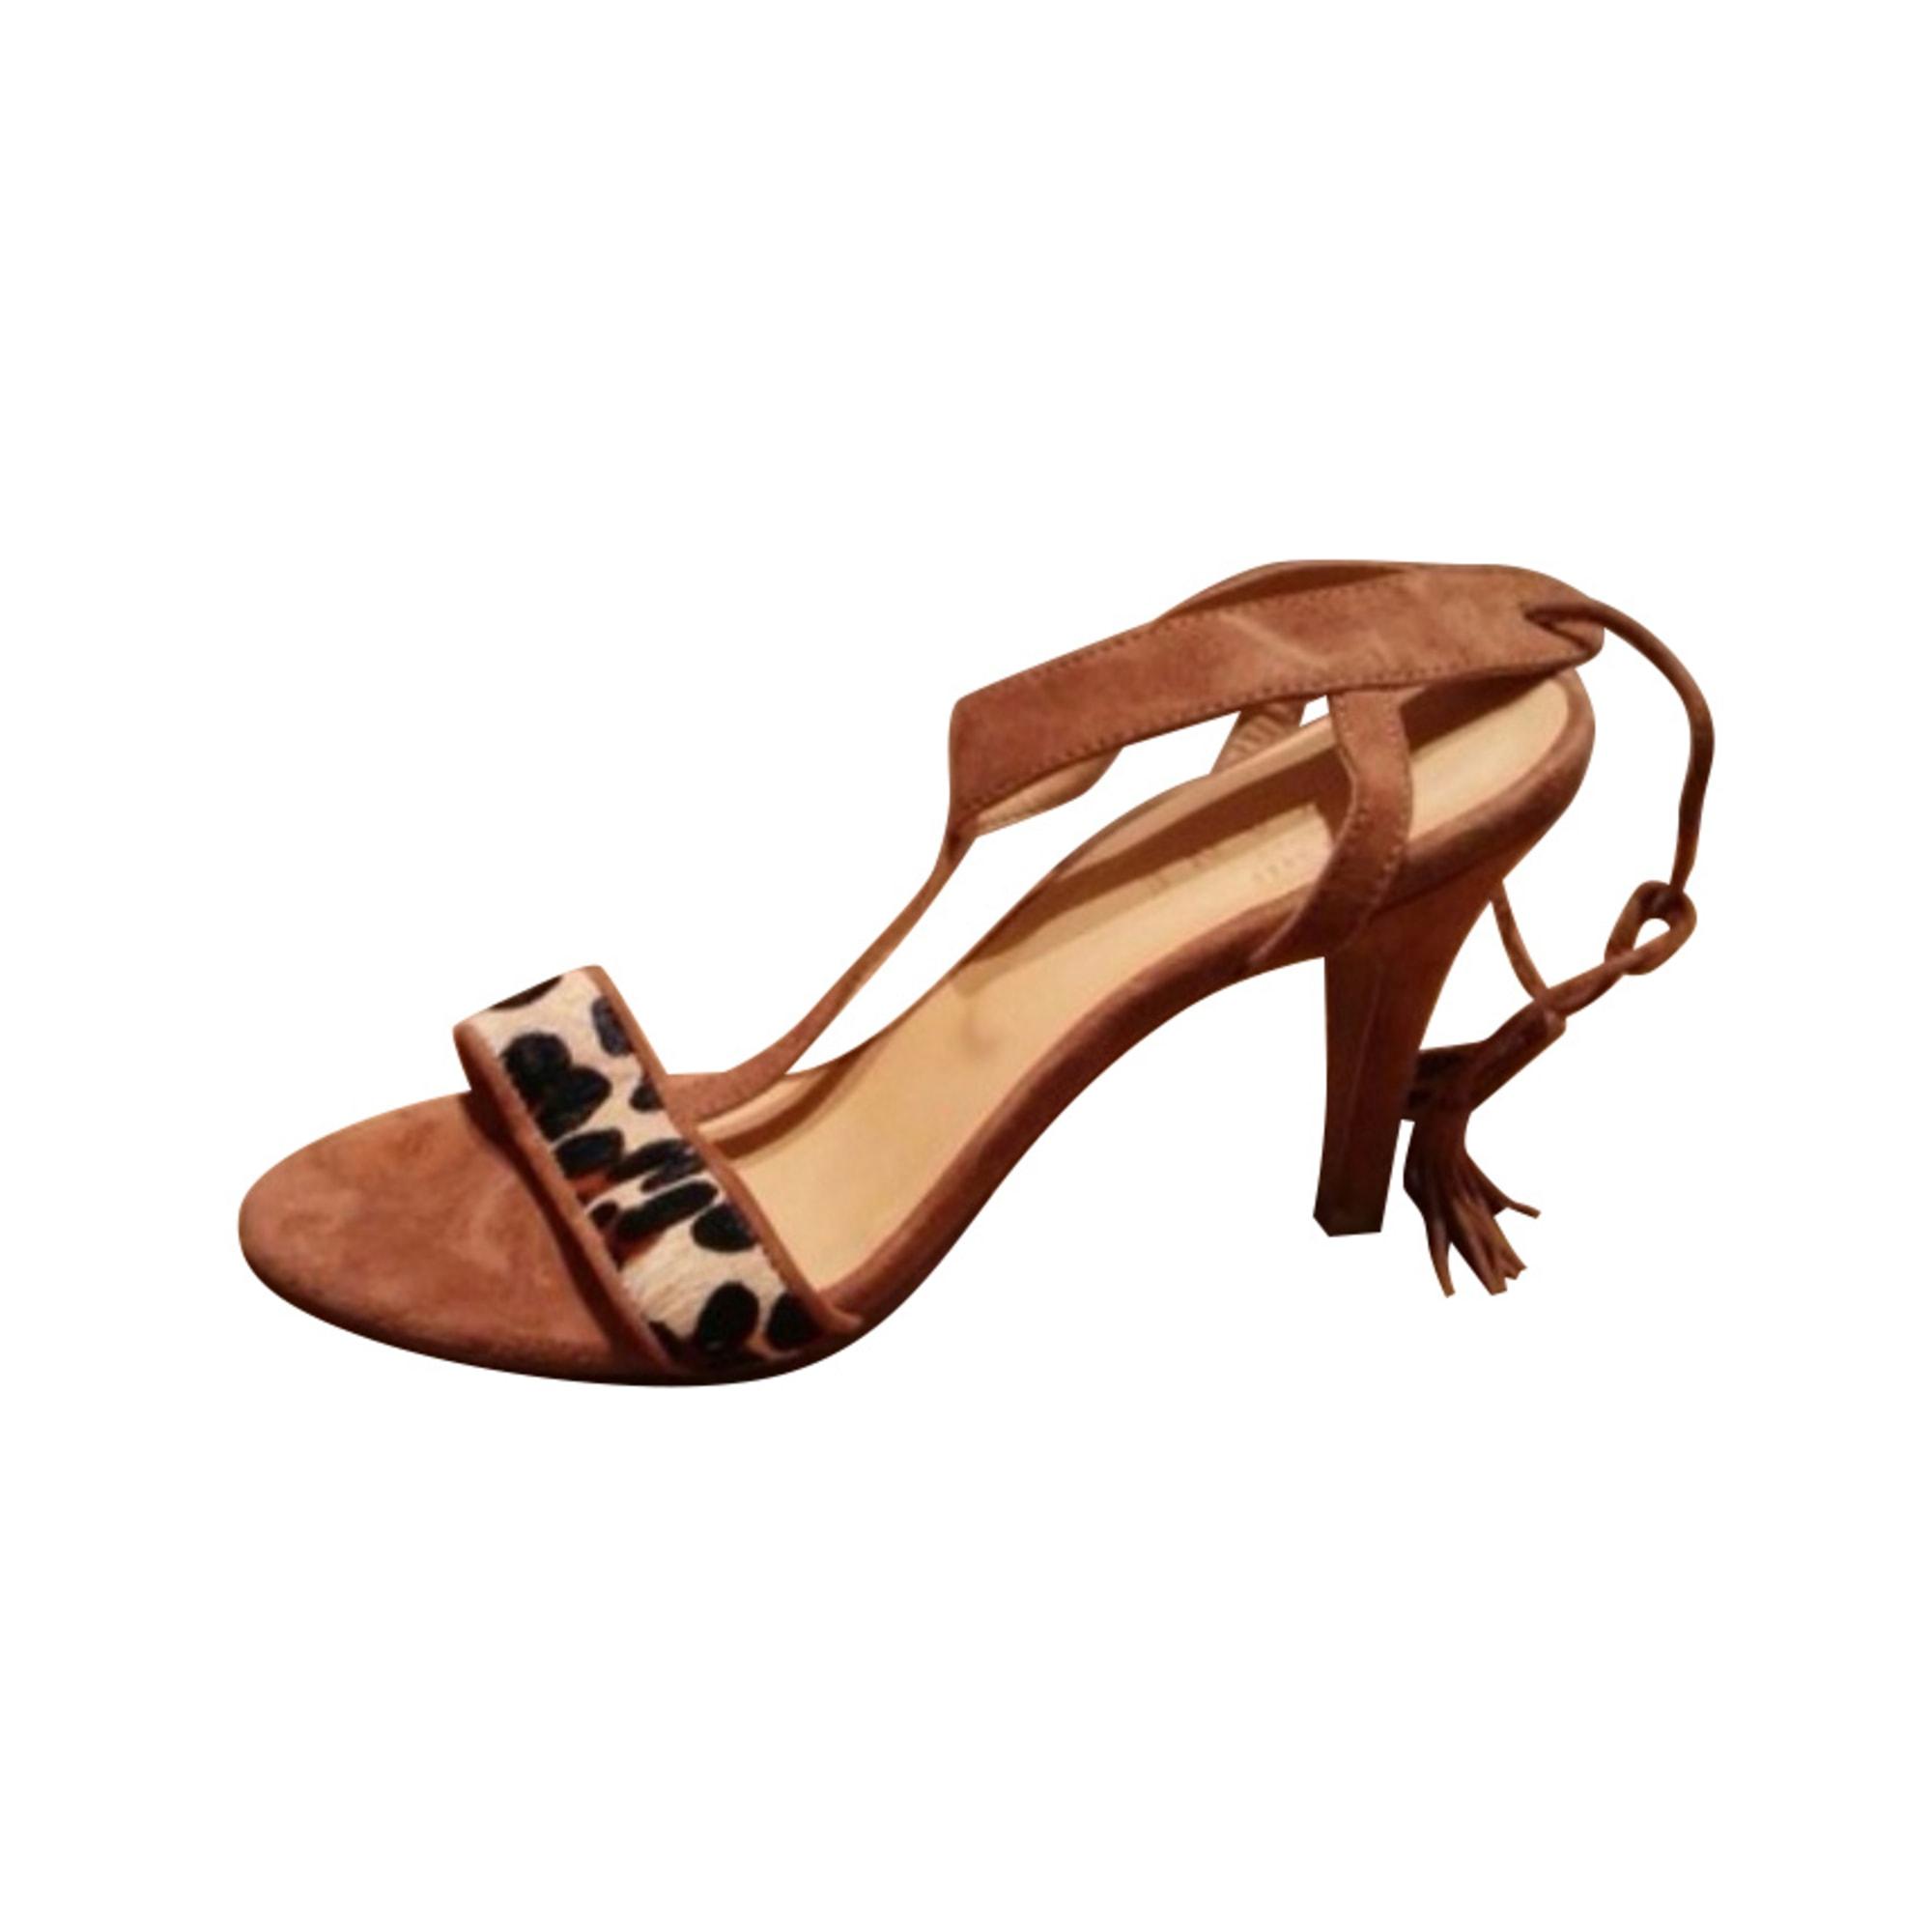 Sandales à talons SÉZANE Beige, camel